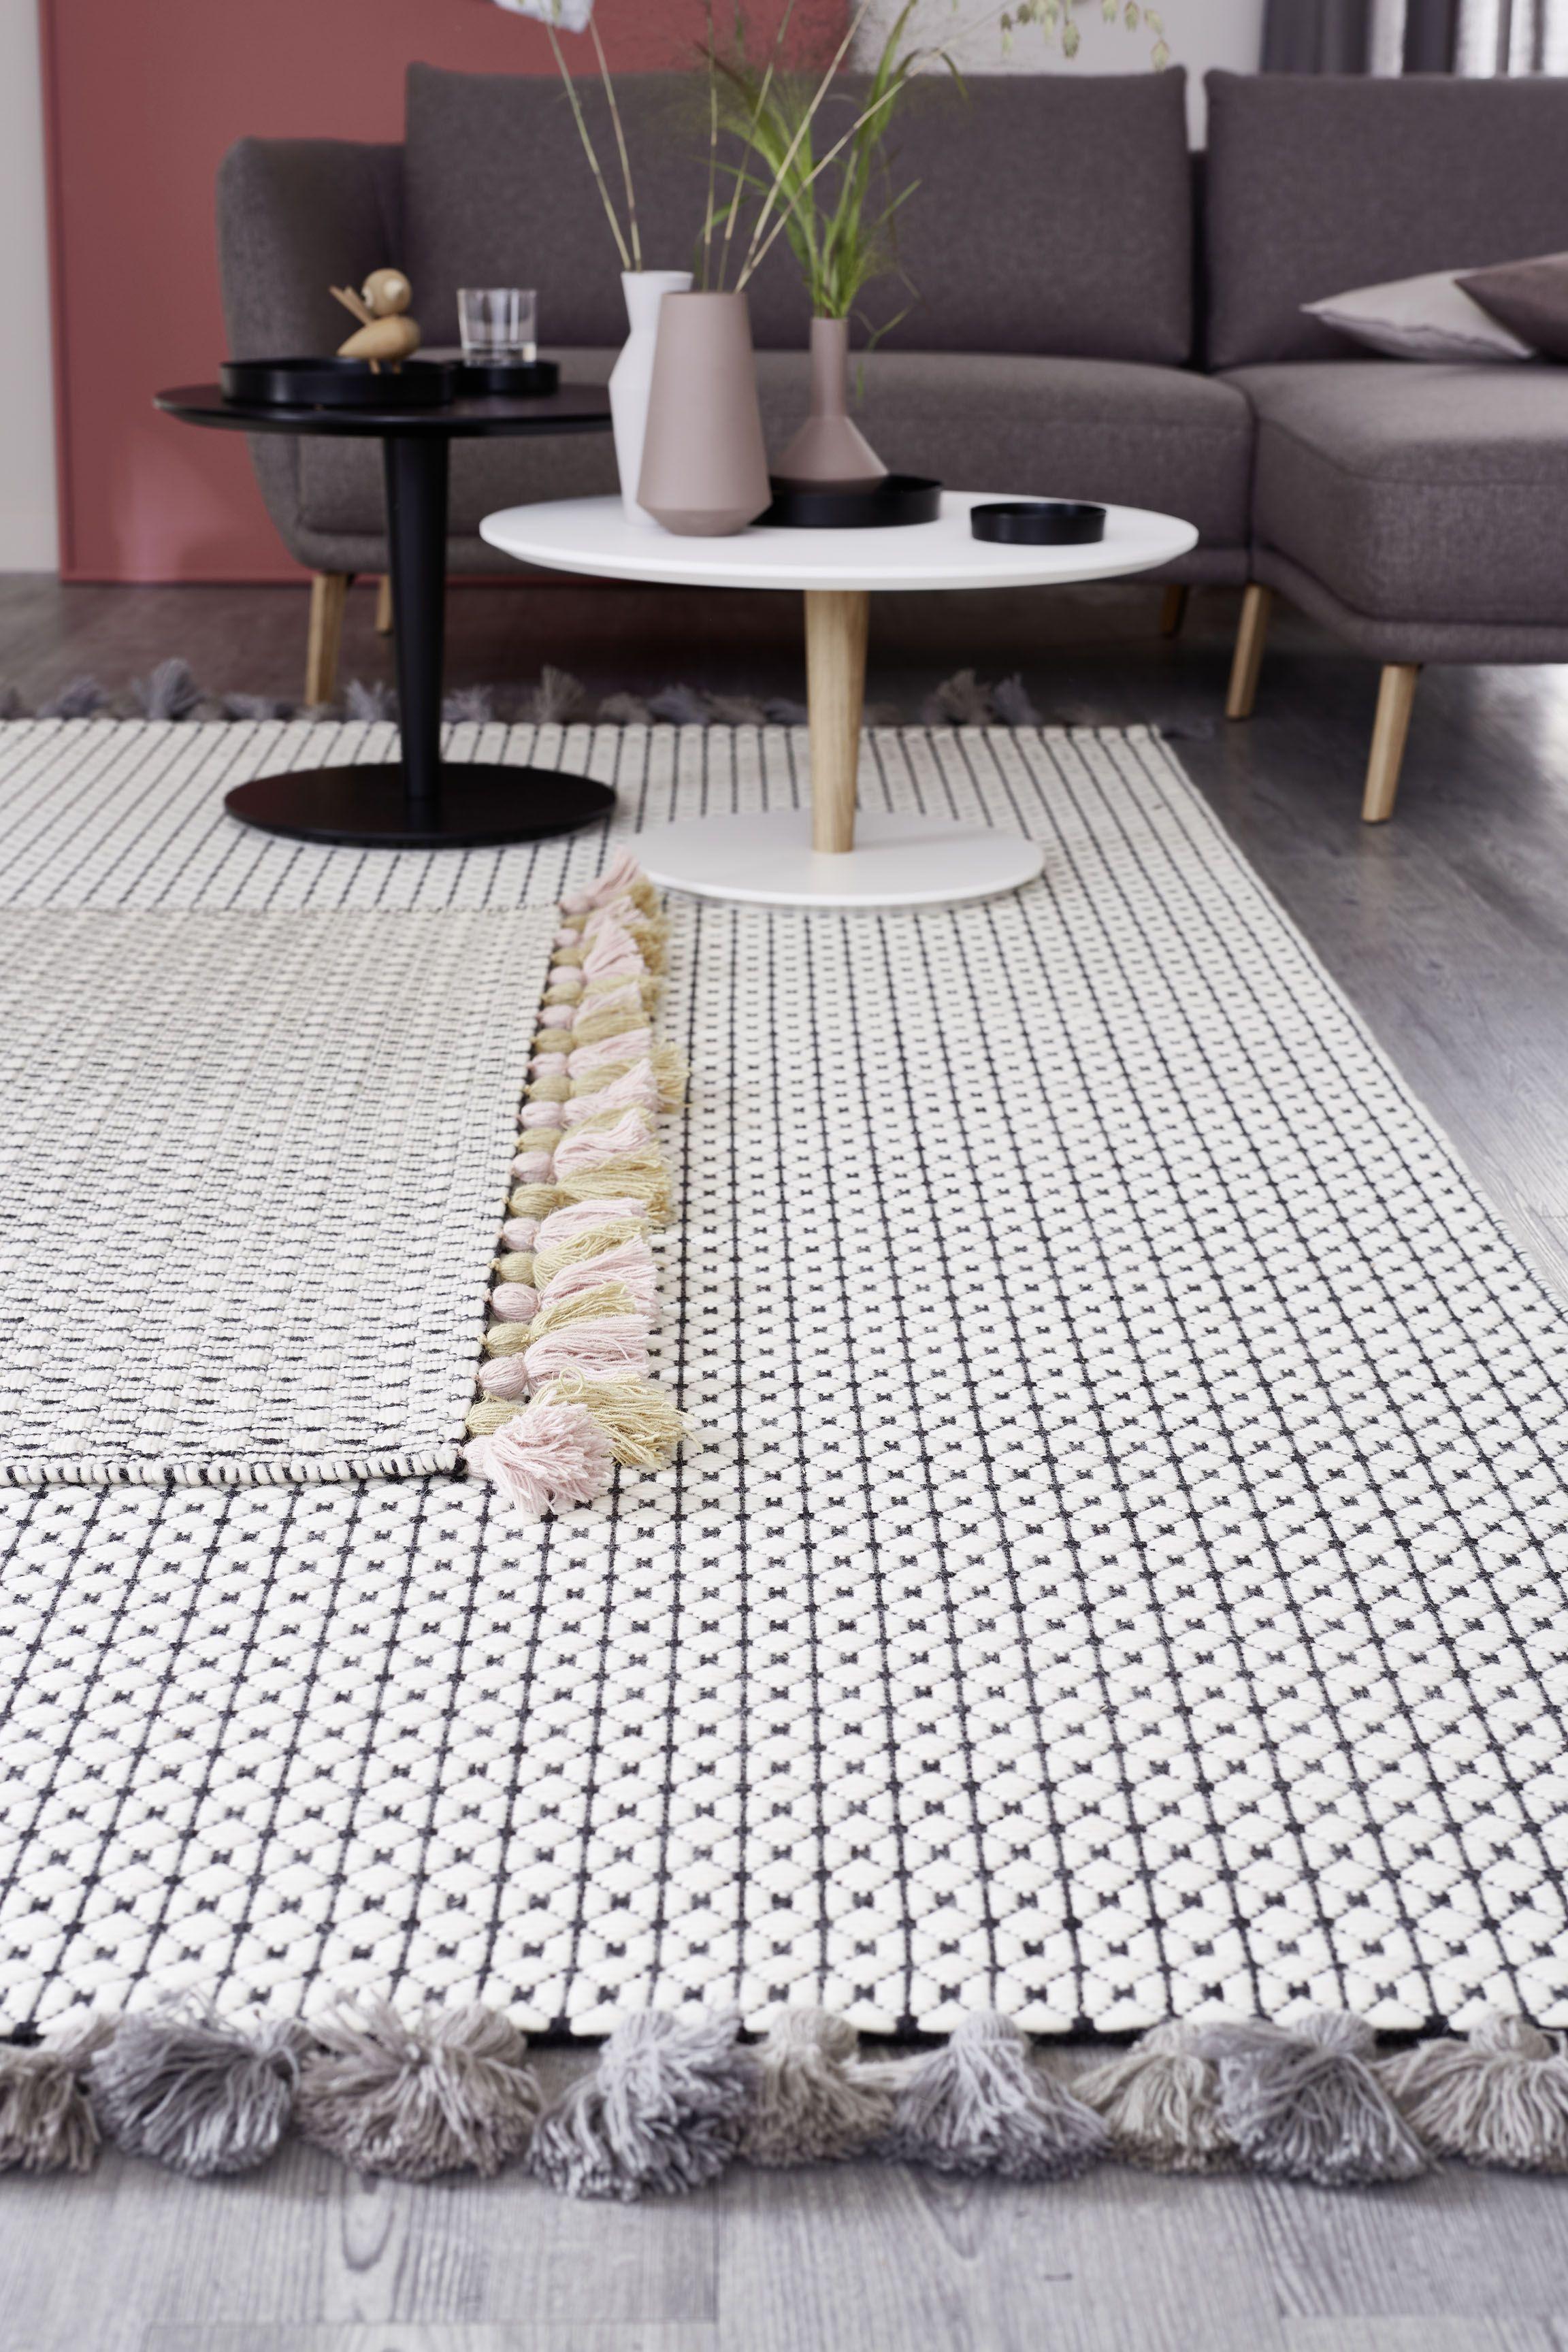 Schoner Wohnen Kollektion Teppich Insula Teppich Schoner Wohnen Dekorative Kissen